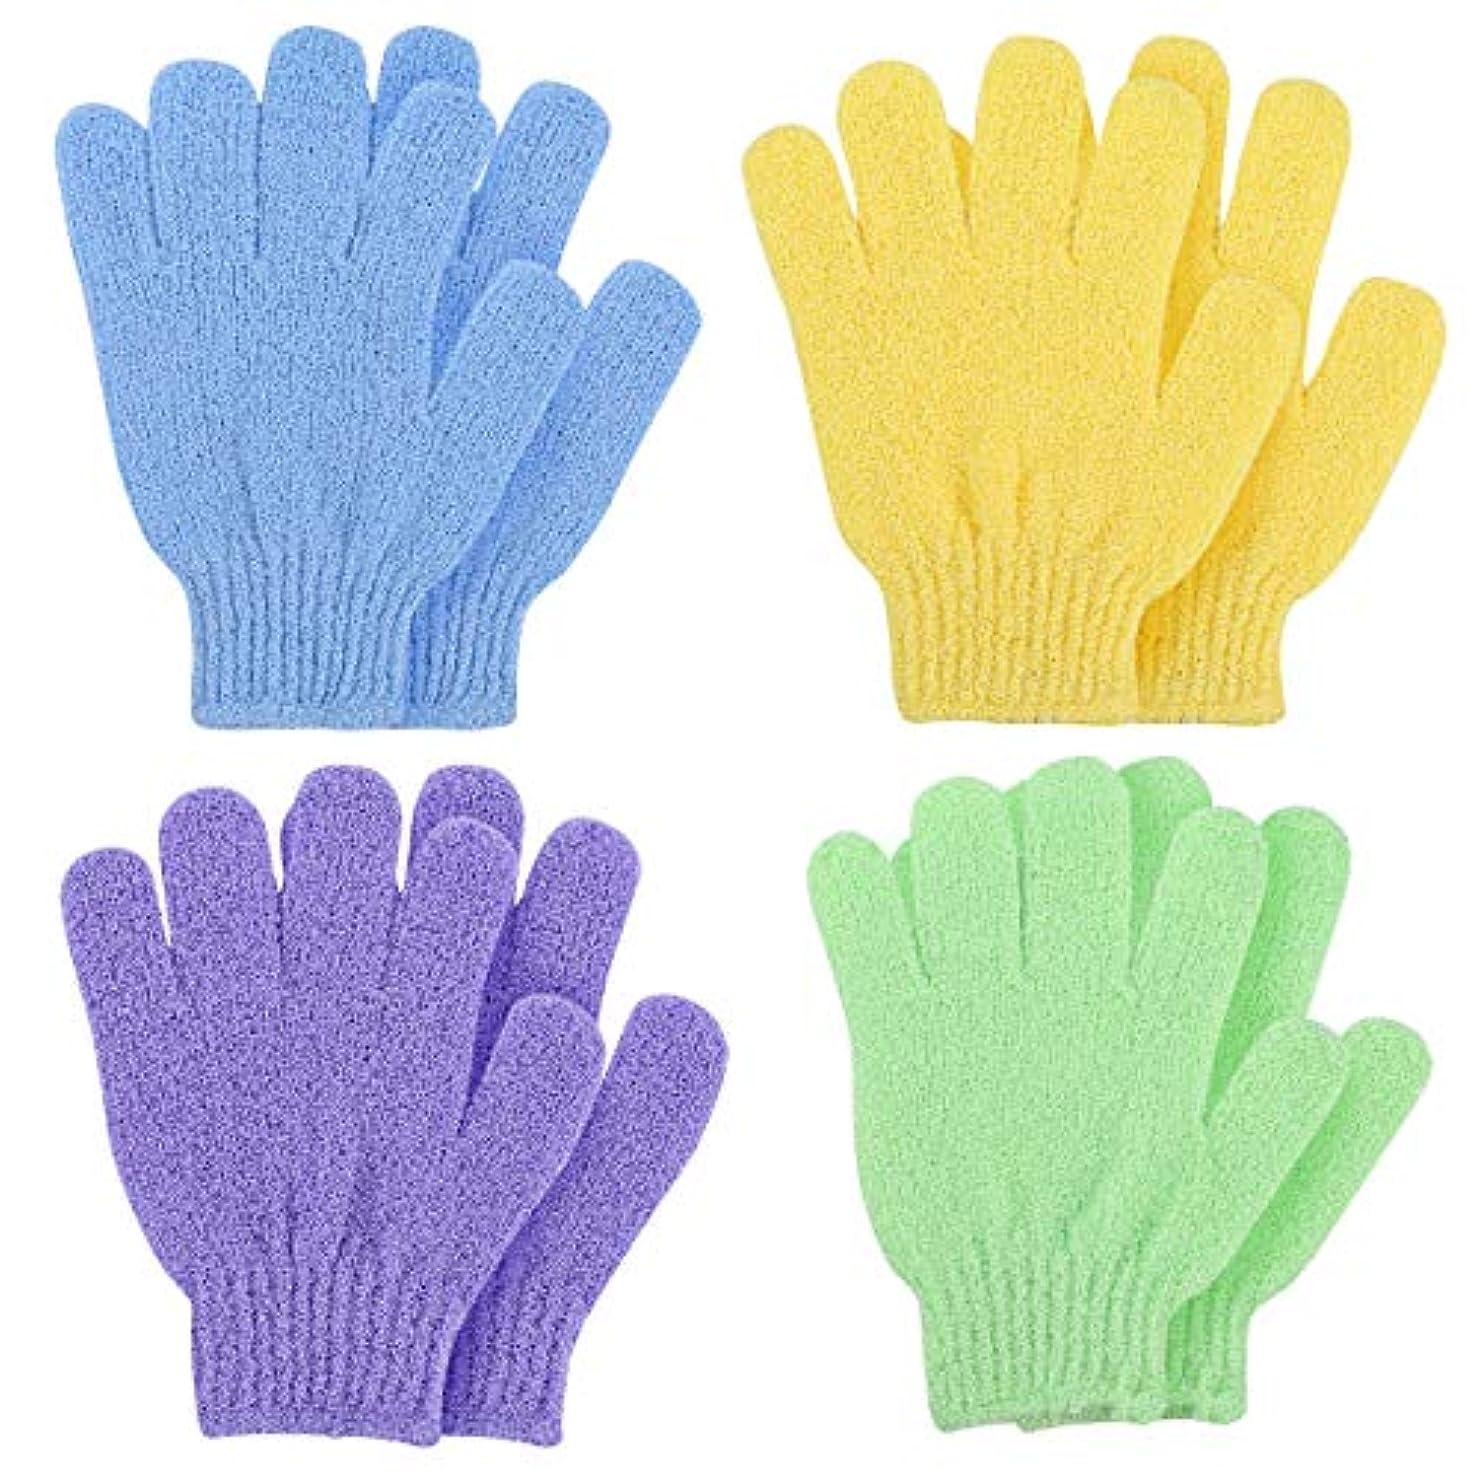 学期メジャー浸透するFrcolor 浴用手袋 お風呂手袋 泡立ち シャワーバスグローブ ナイロン 垢すり手袋 五本指 4ペア(ランダムカラー)